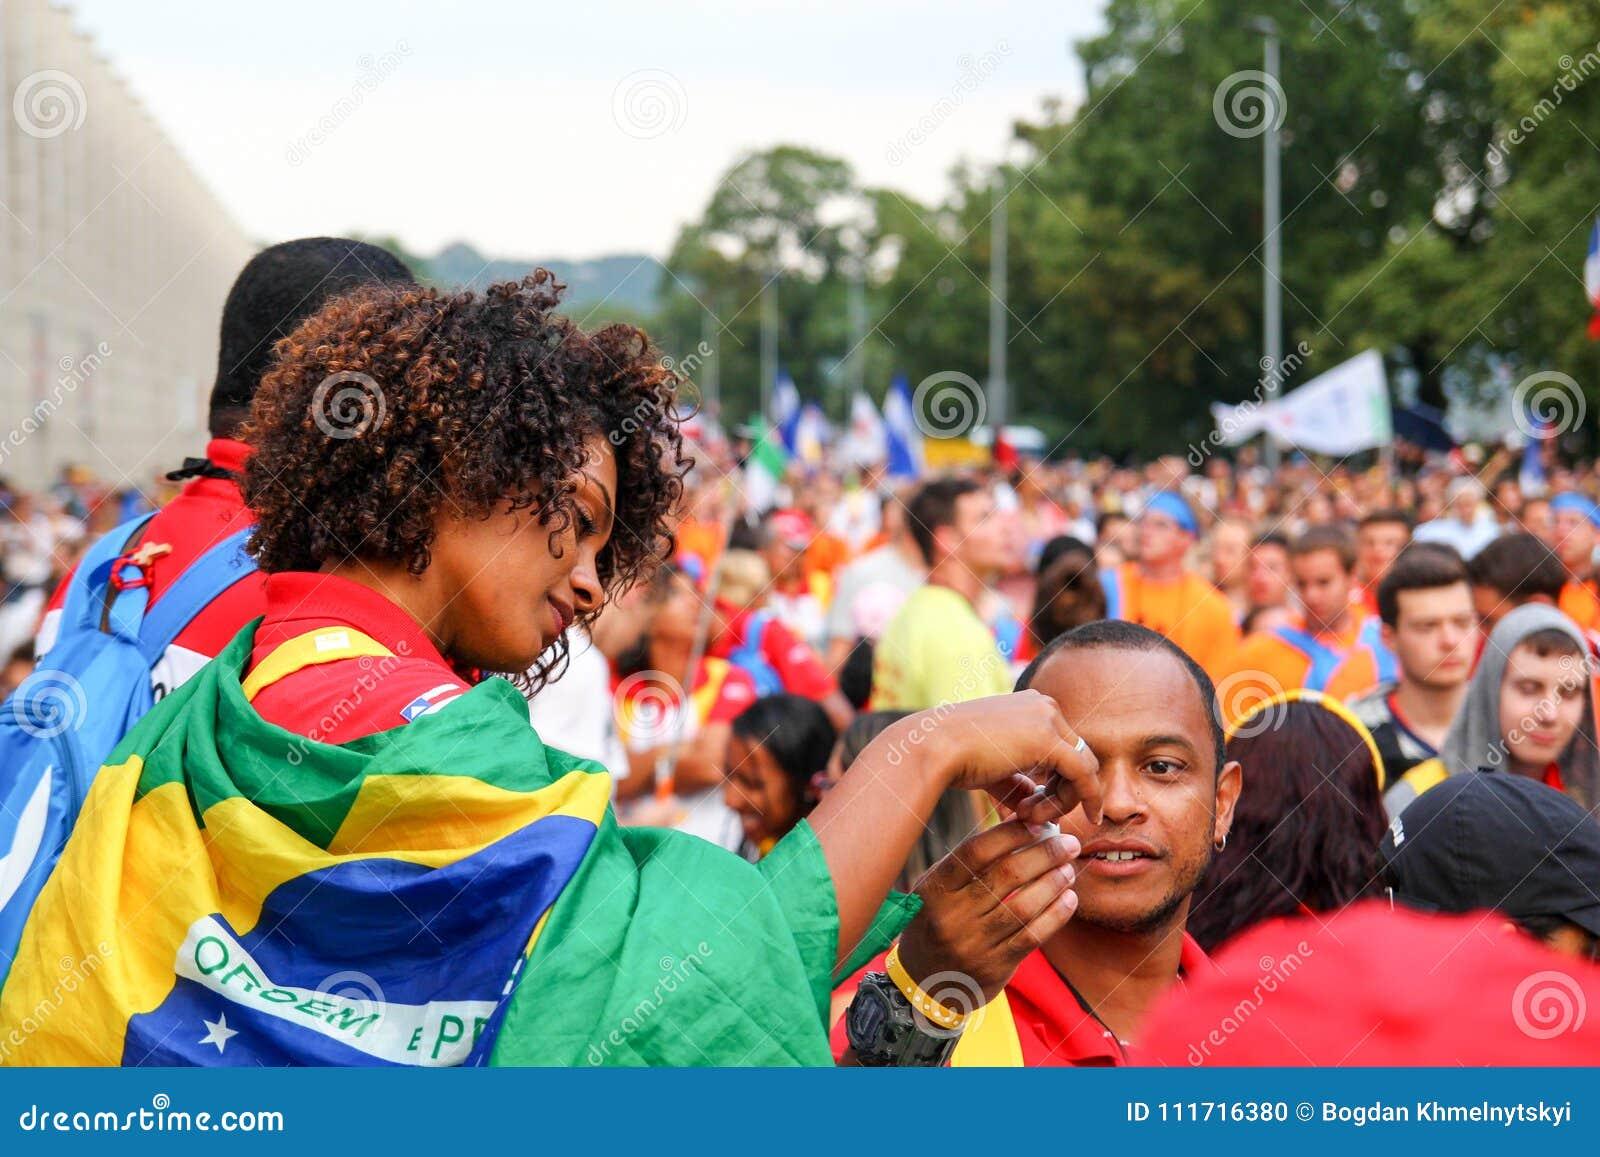 Stående av en ung flicka som döljas i flaggan av Brasilien eps-mappen grupperas varje beståndsdel separat